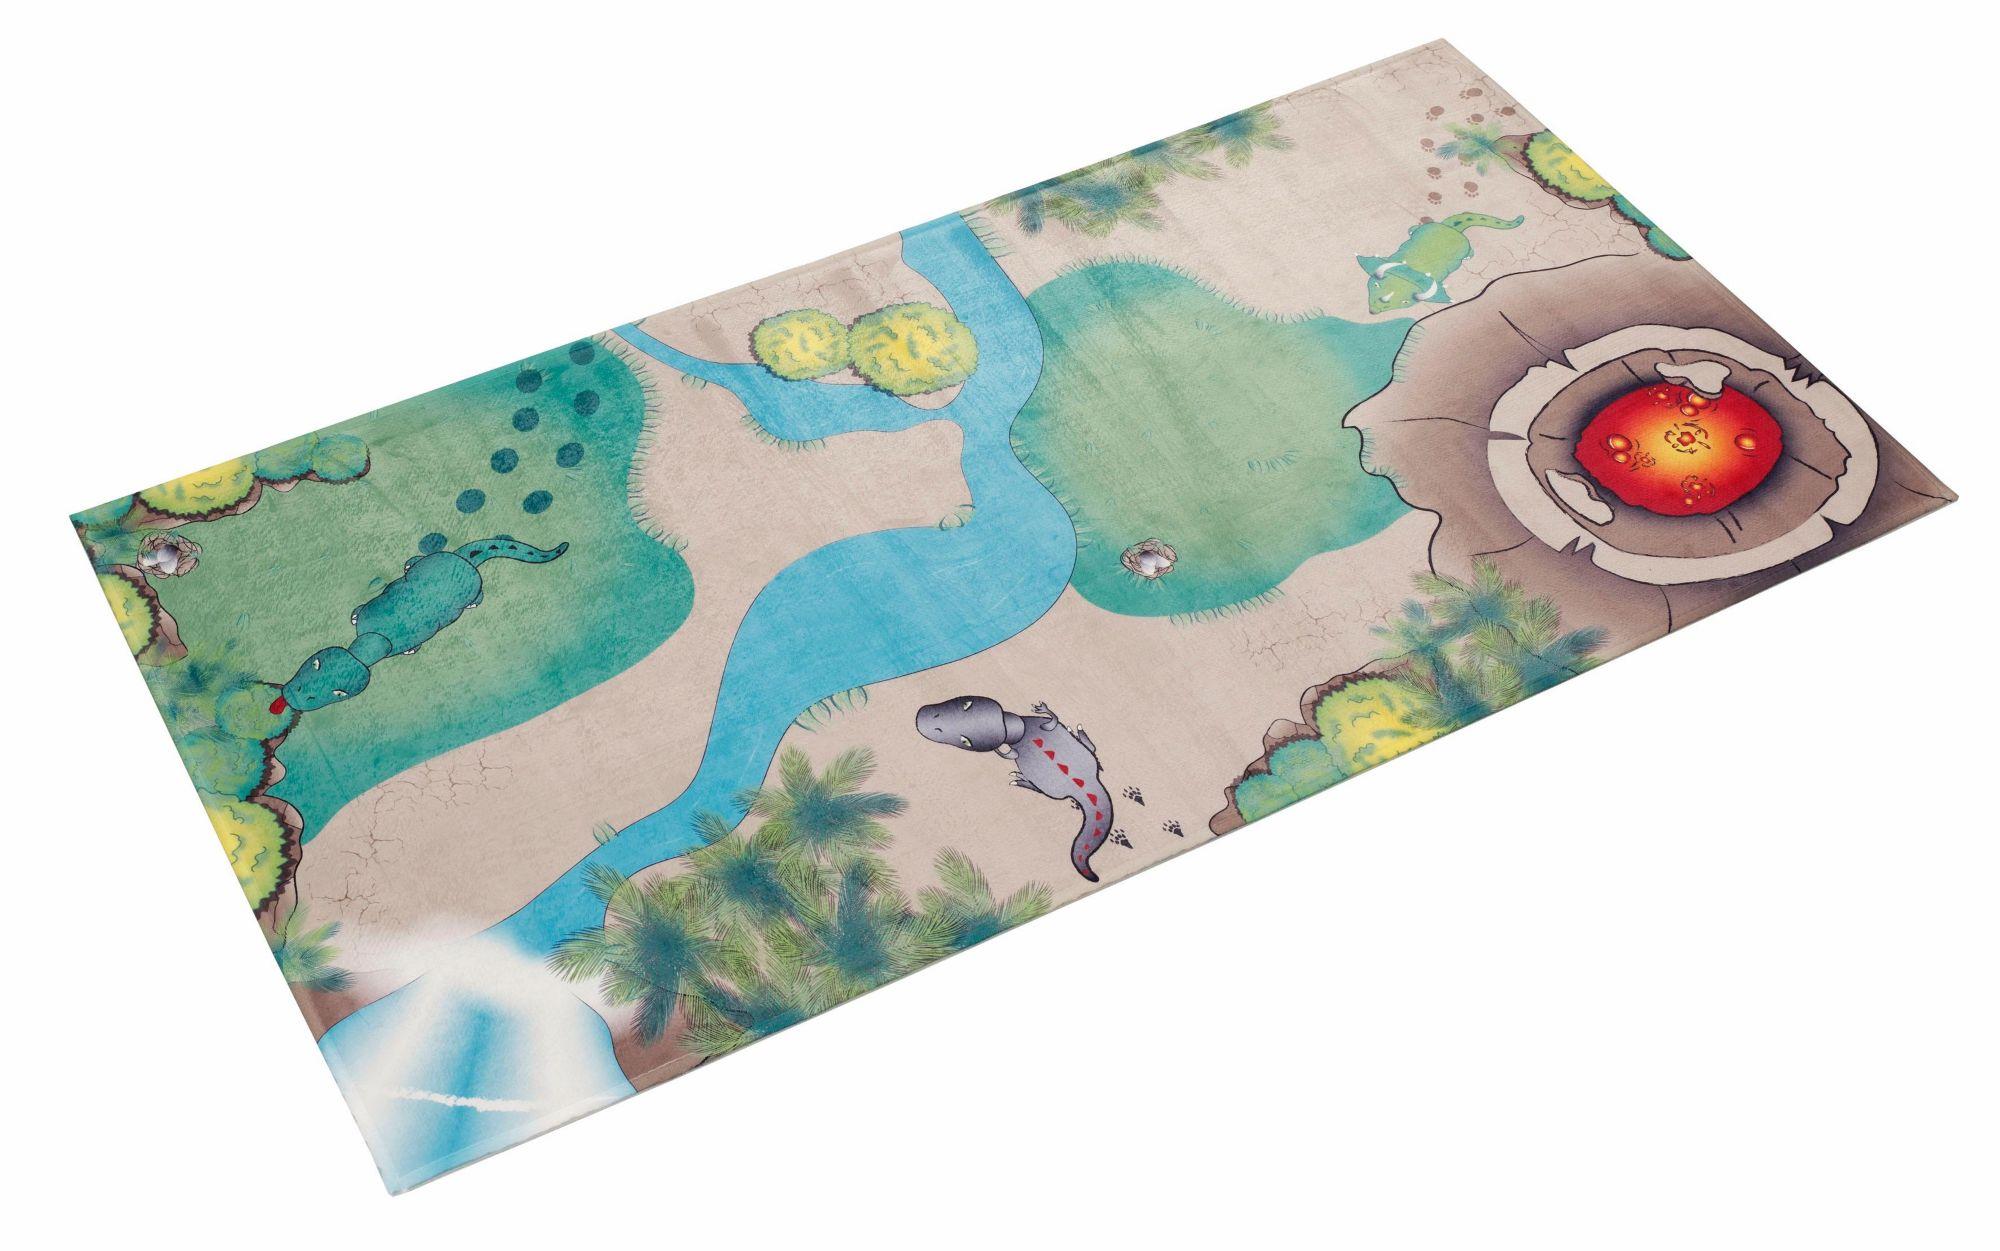 BÖING CARPET Kinderteppich, »Lovely Kids 408«, Böing Carpet, rechteckig, Höhe 6 mm, gedruckt